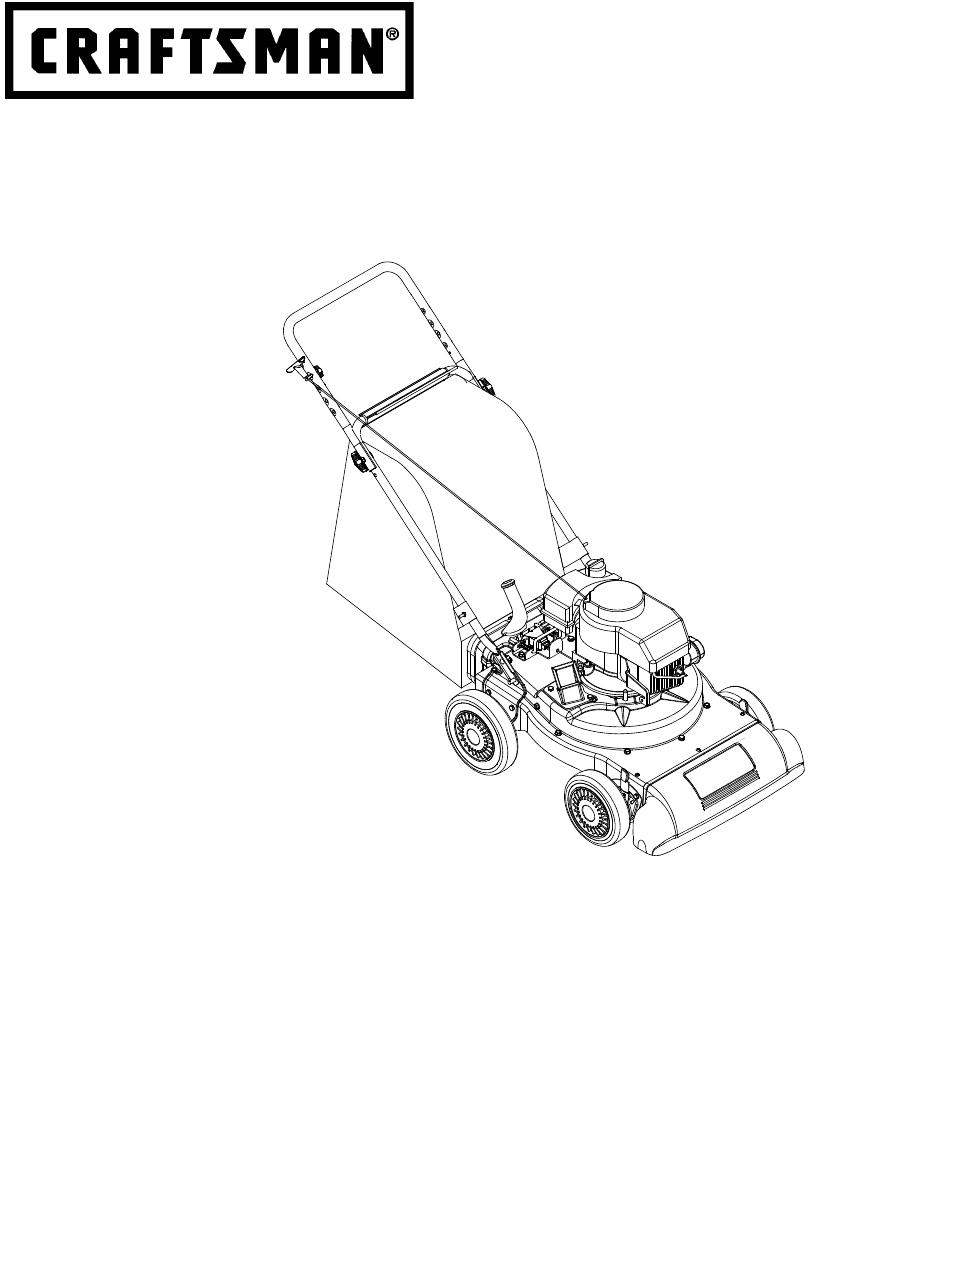 Craftsman 247 77011 Operators Manual 770 10233j